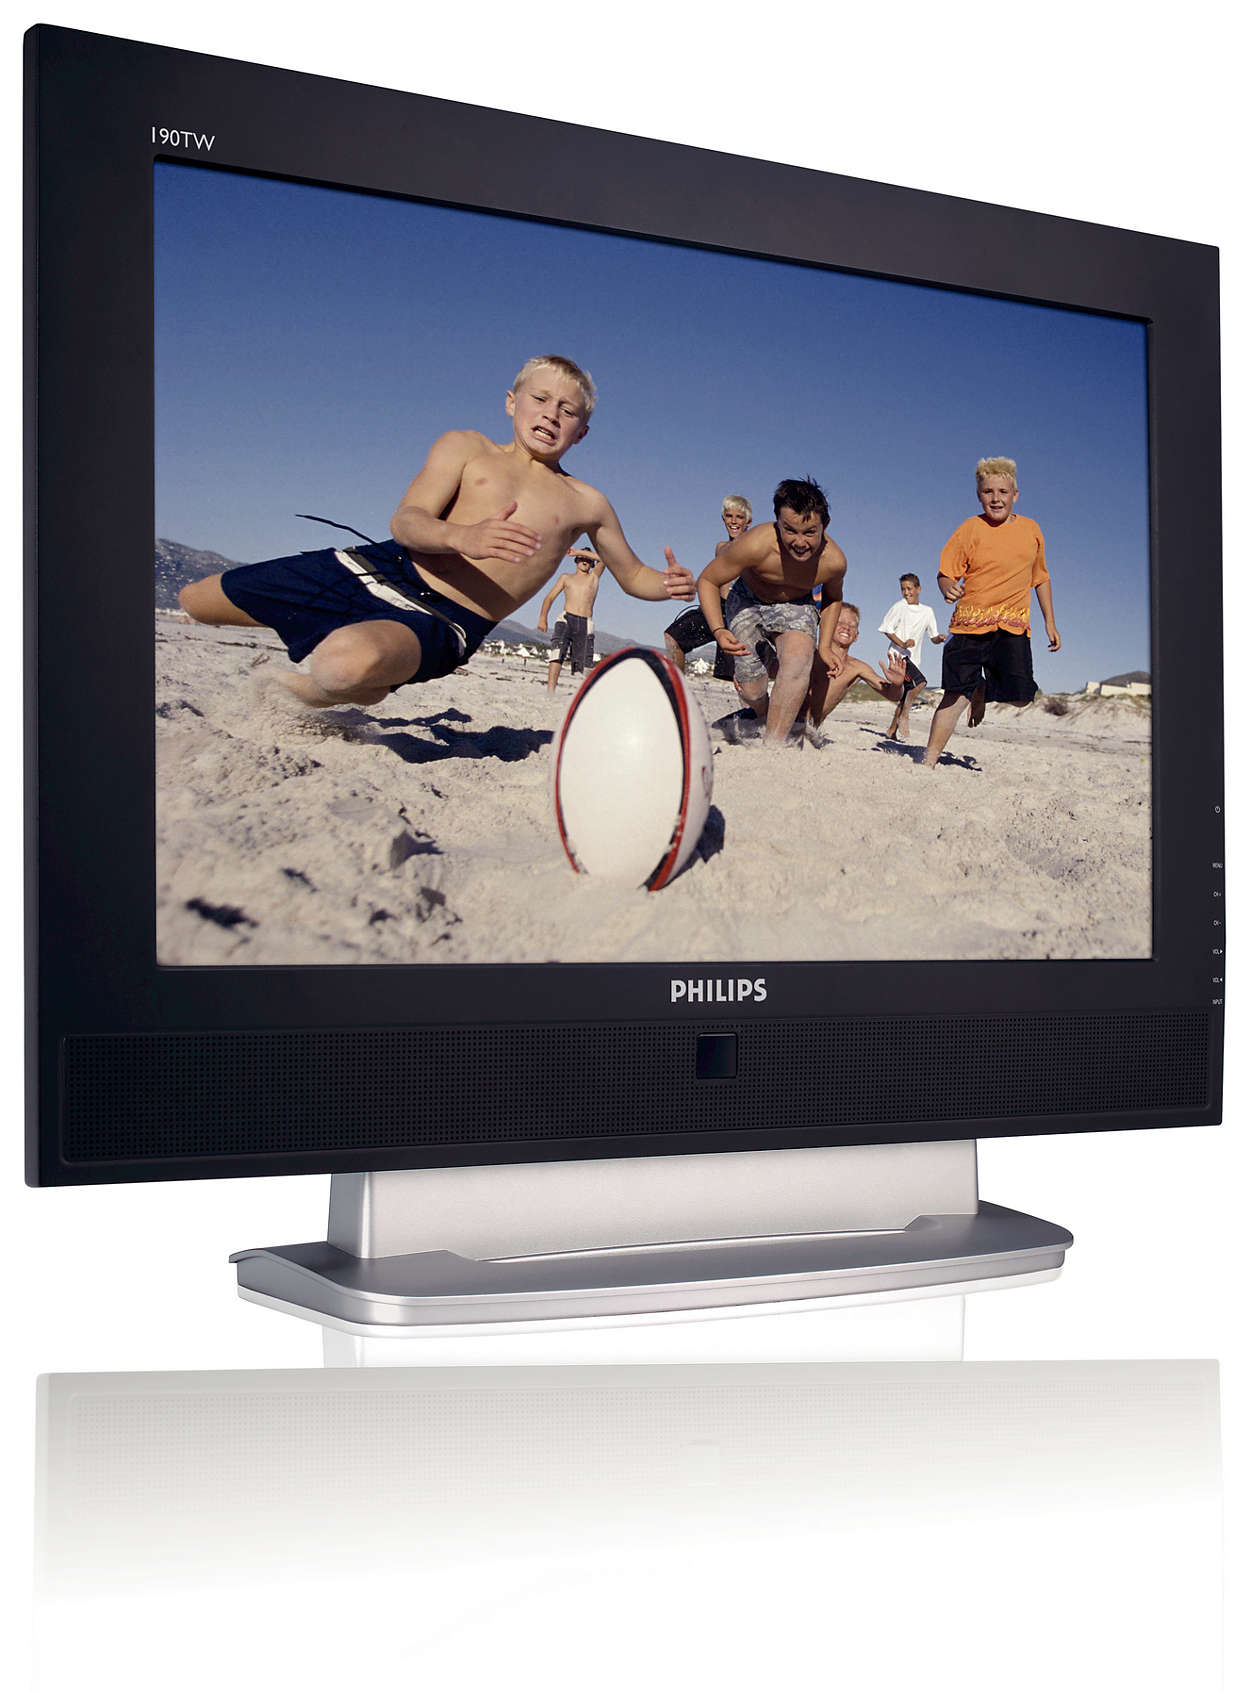 Plne vybavený LCD monitor kombinovaný s TV